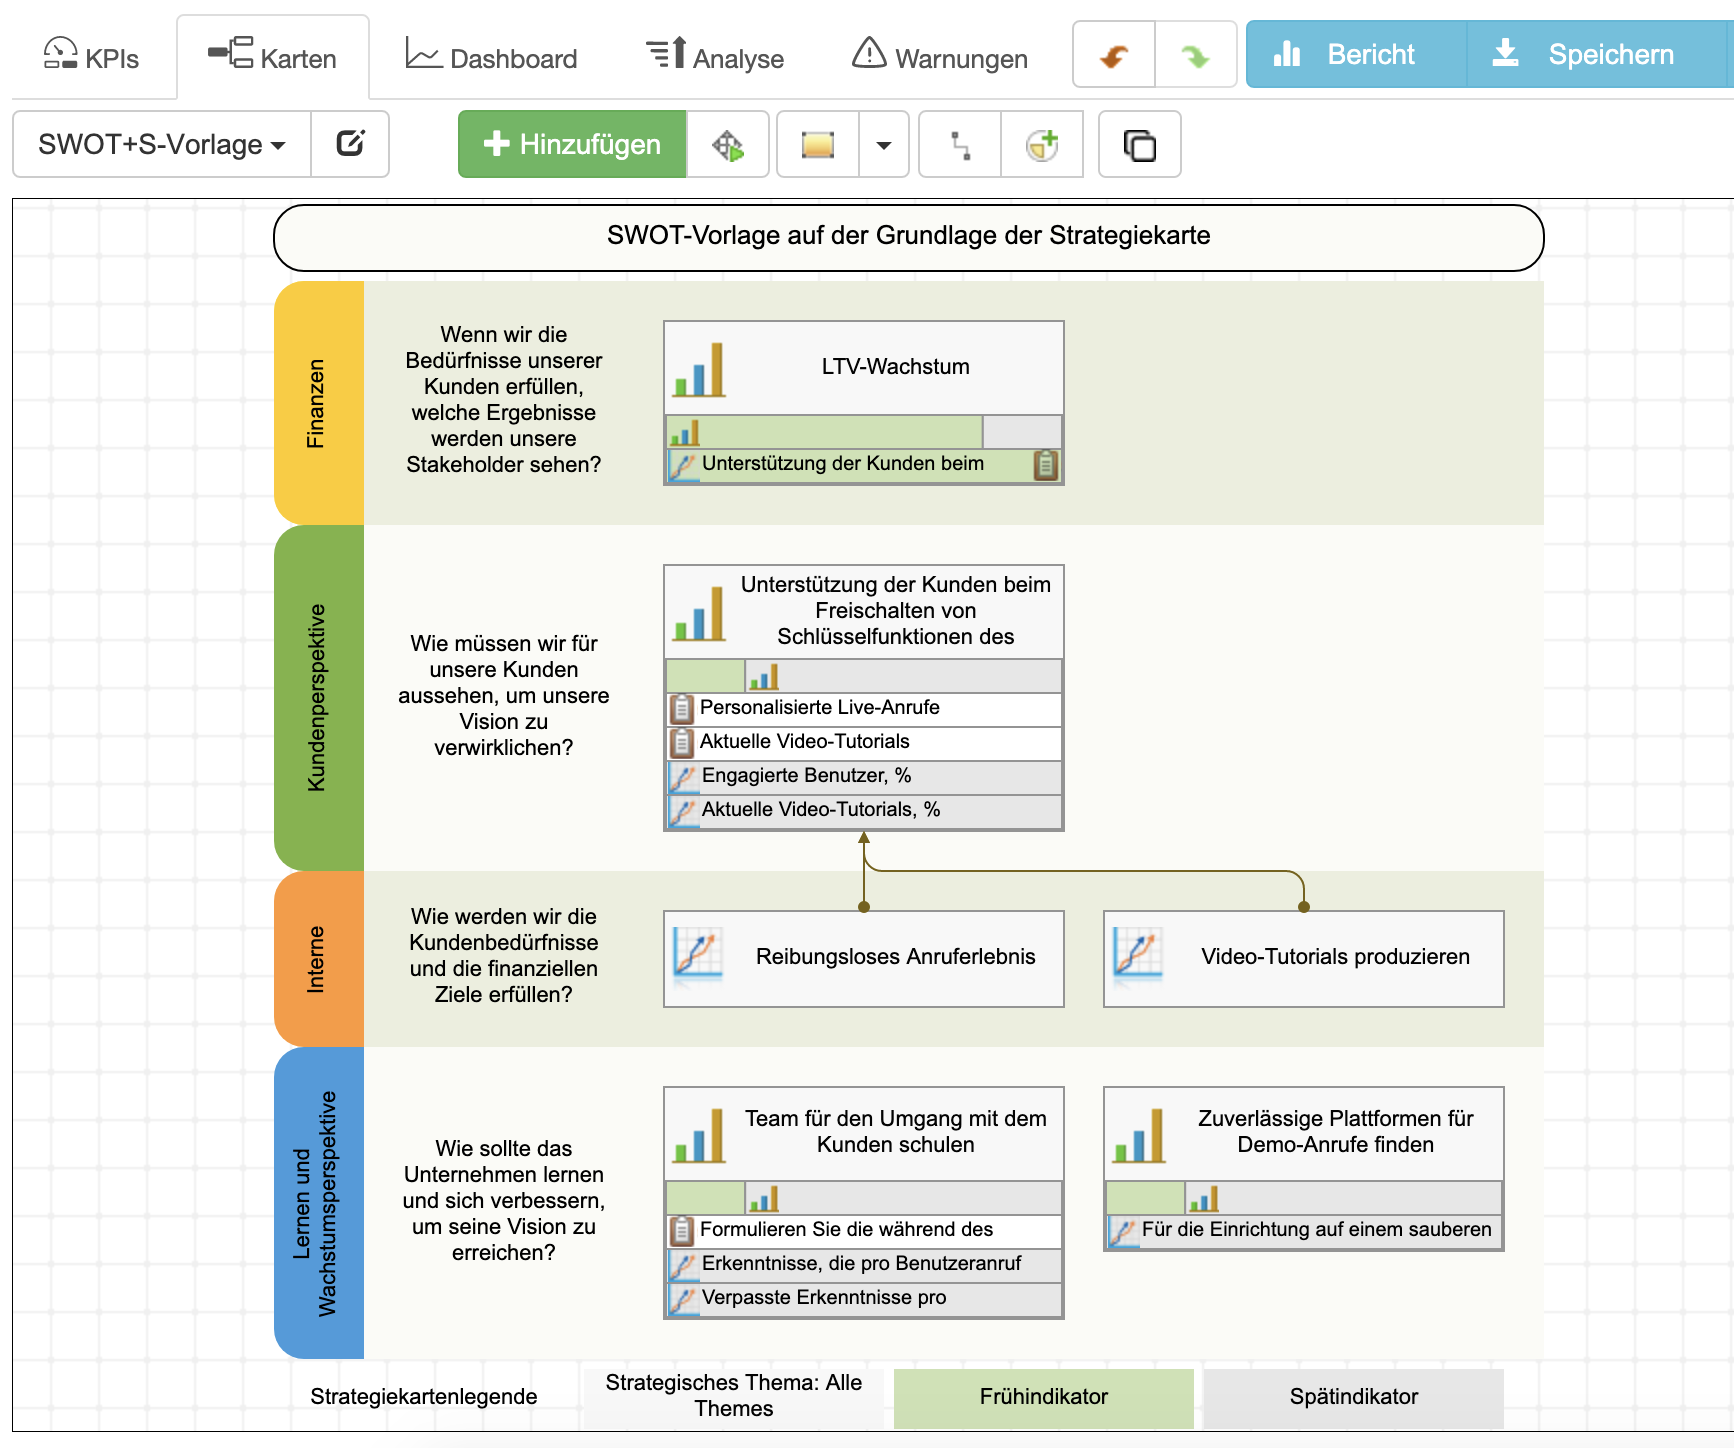 Die Ergebnisse der SWOT+S-Analyse wurden in eine Strategiekarte umgewandelt